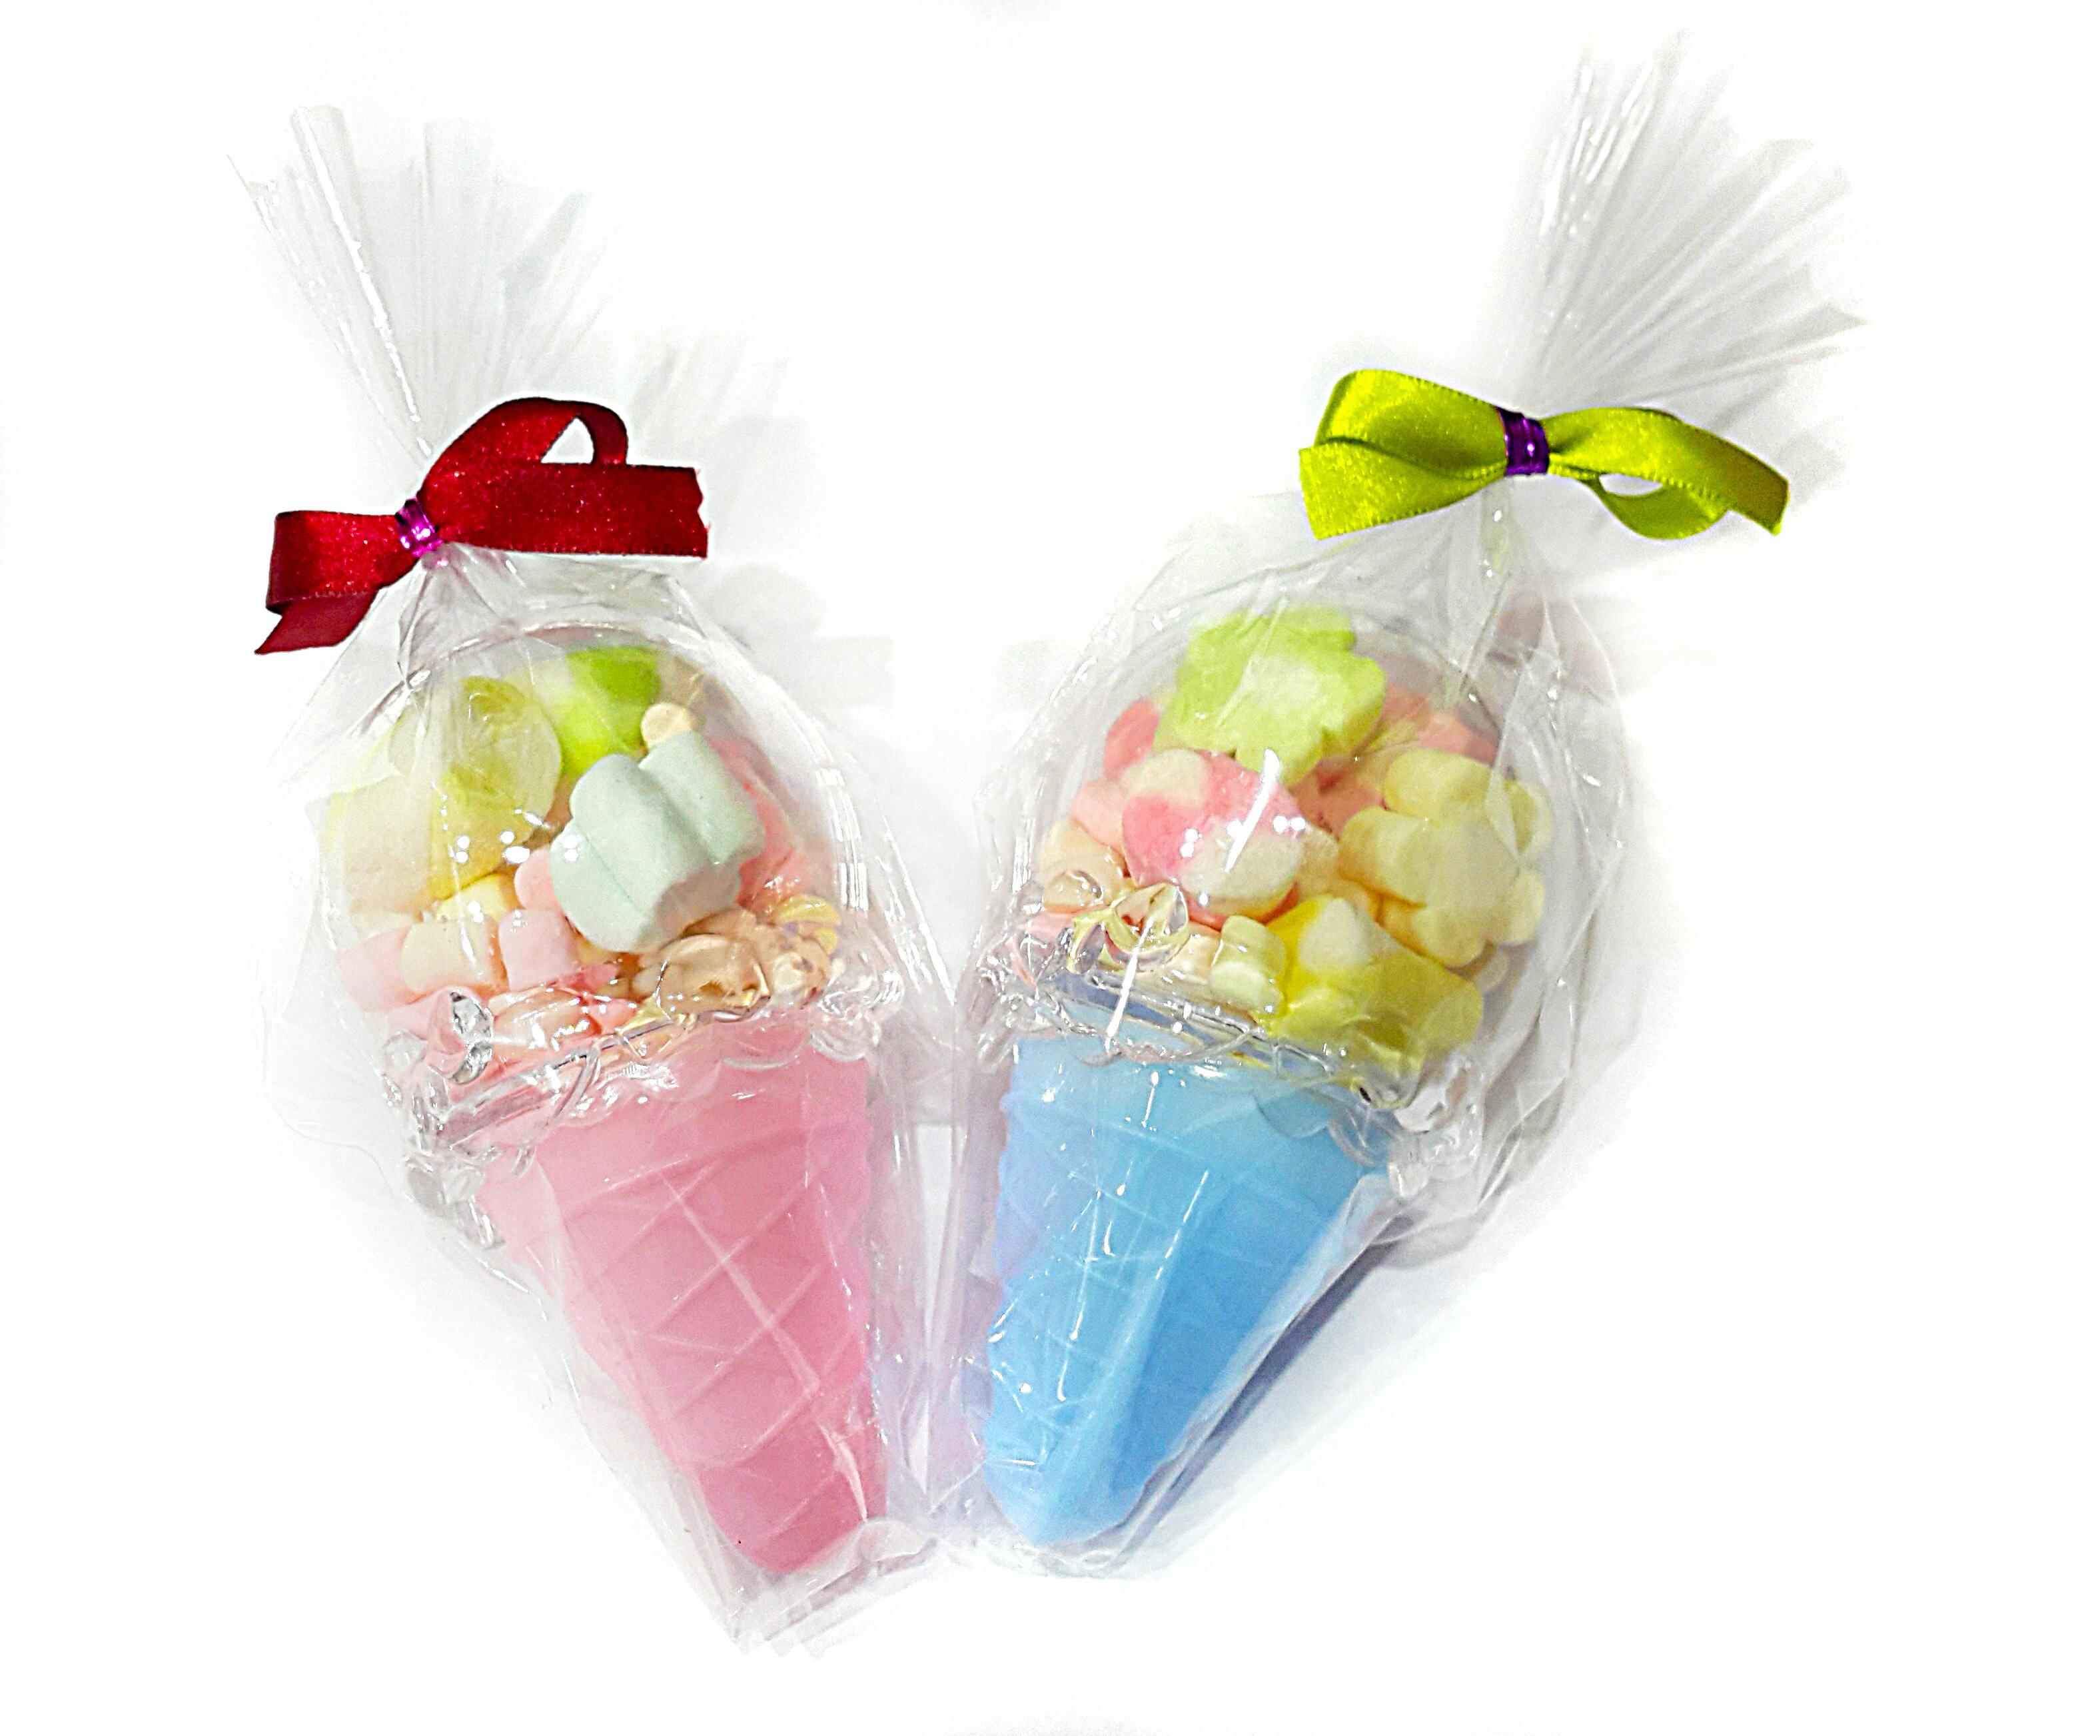 X射線【Y040007】冰淇淋甜筒糖果組(不挑色),糖果襪/糖果罐/聖誕節/交換禮物/婚禮小物/兒童節/禮物/